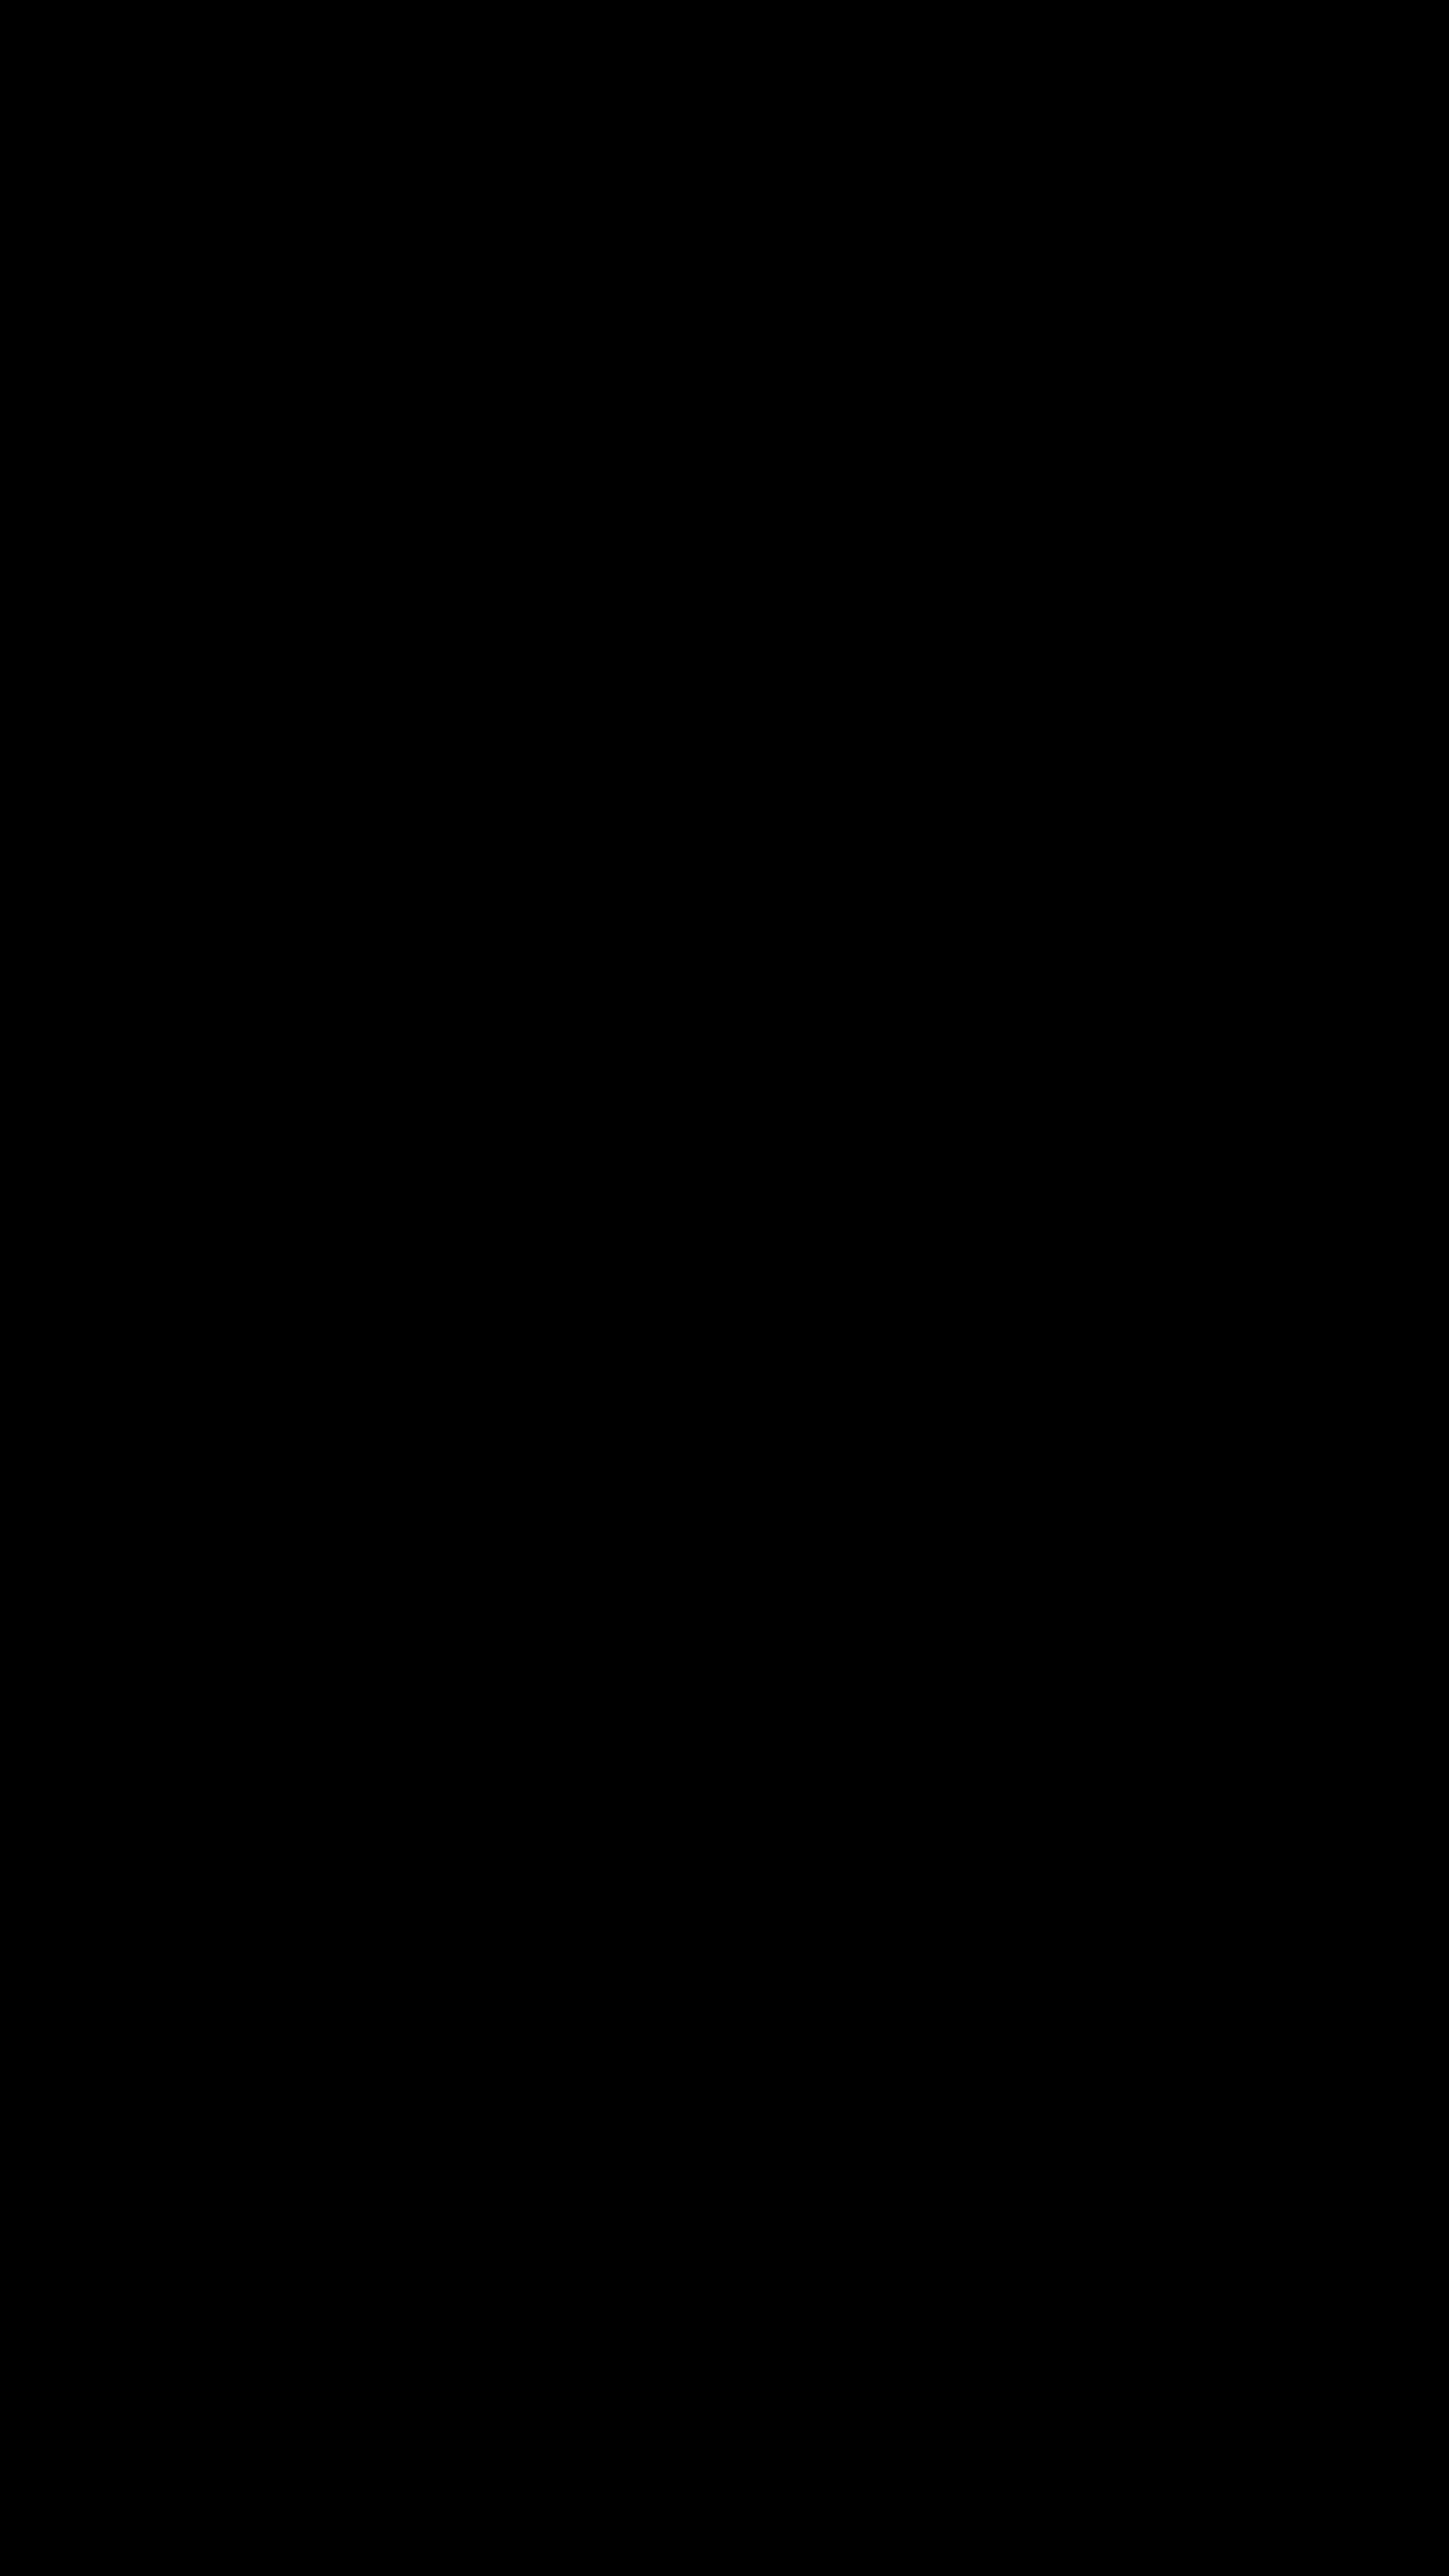 Songs to the dead children in Auschwitz (cartel)